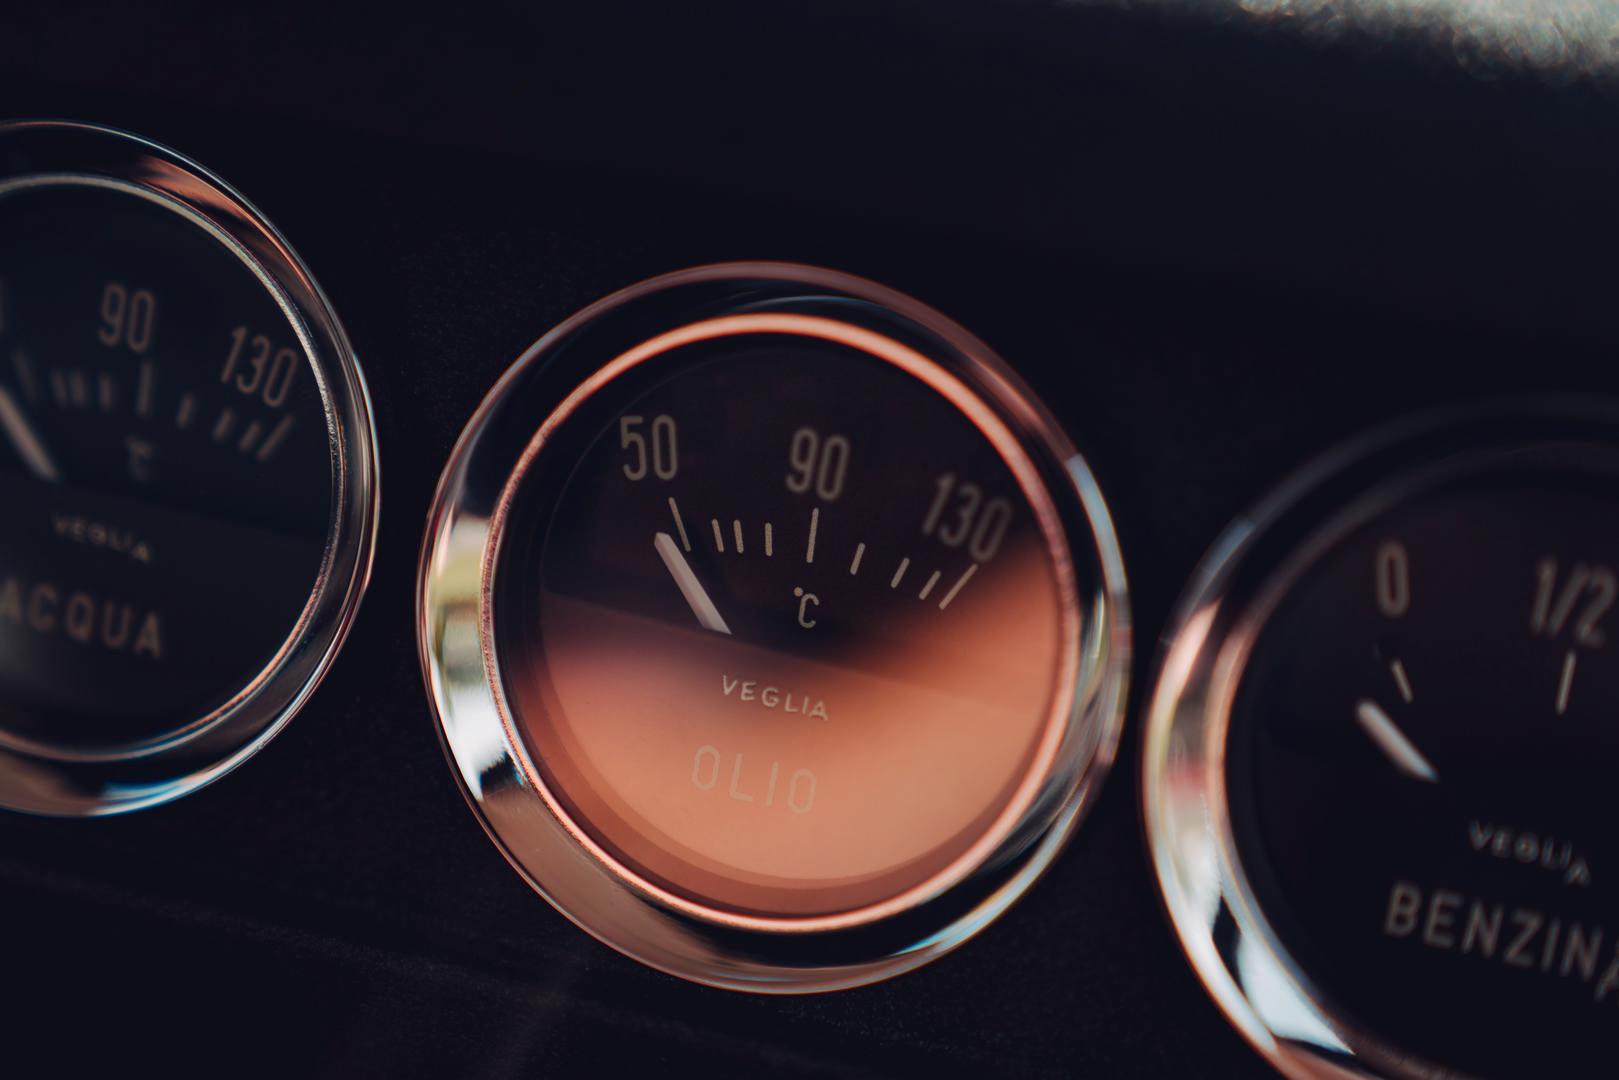 Ferrari 250 SWB gauges